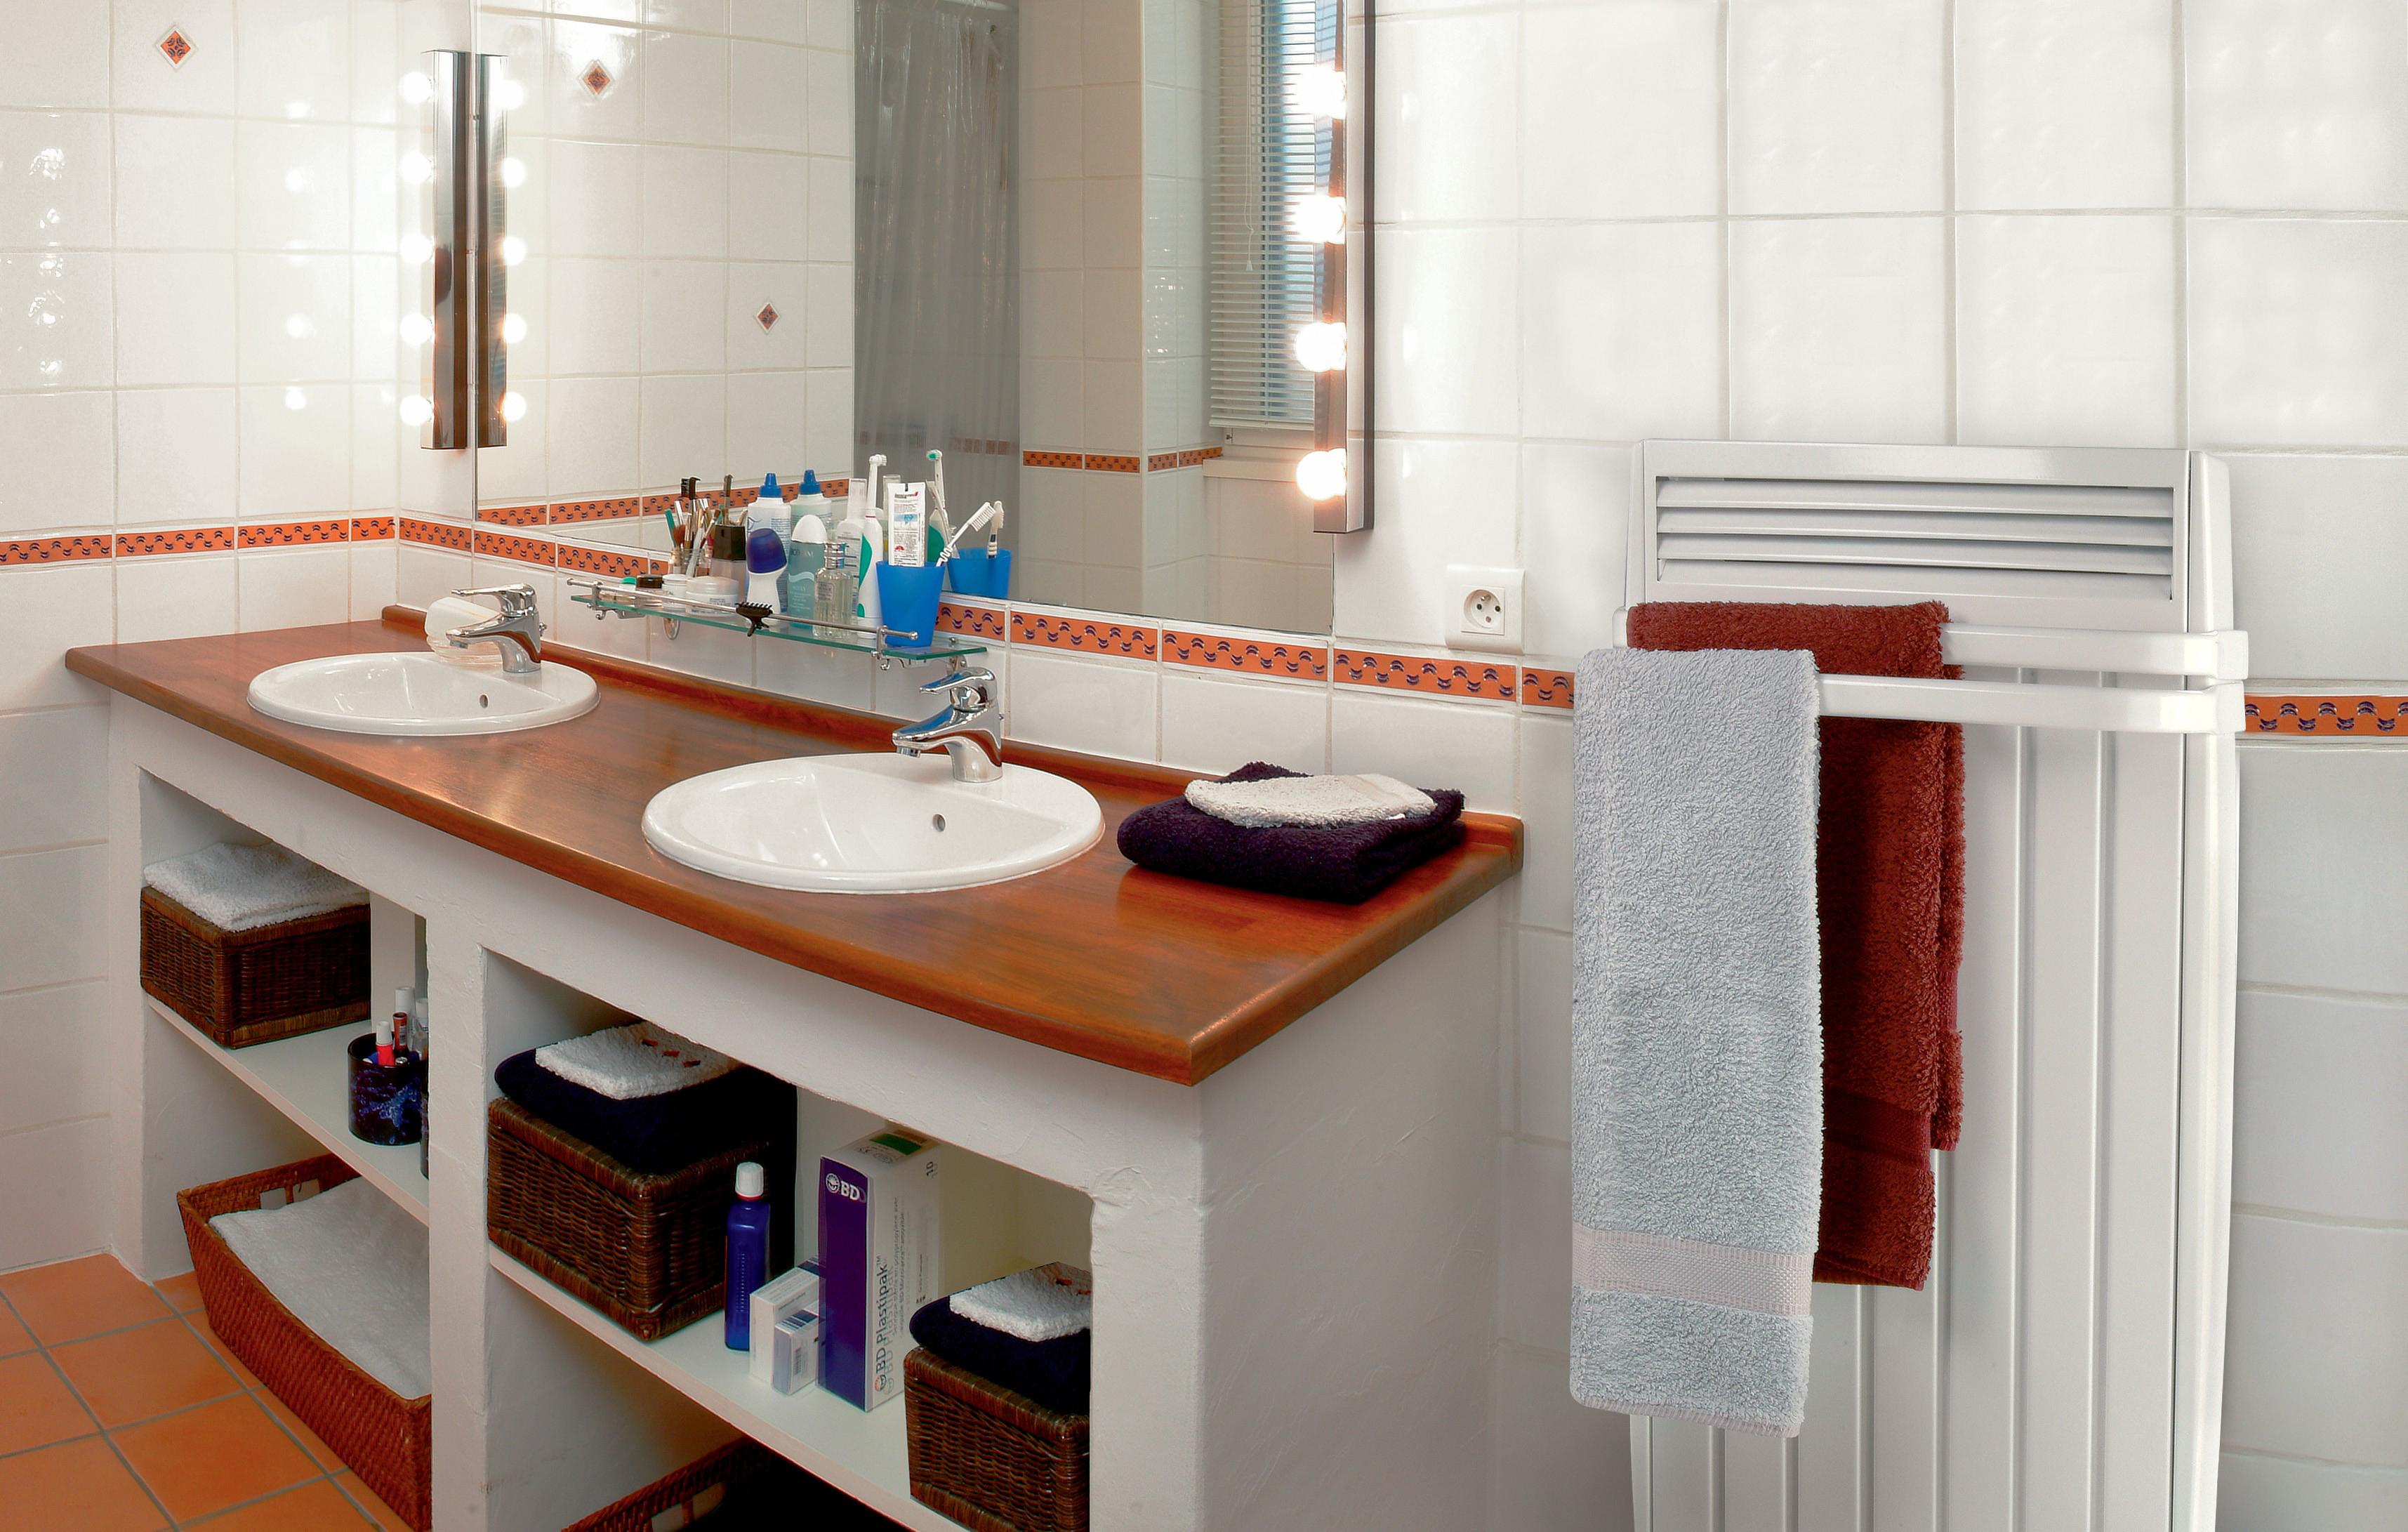 Les 6 r gles pour am nager une petite salle de bains hexoa - Amenager une petite salle de bain ...